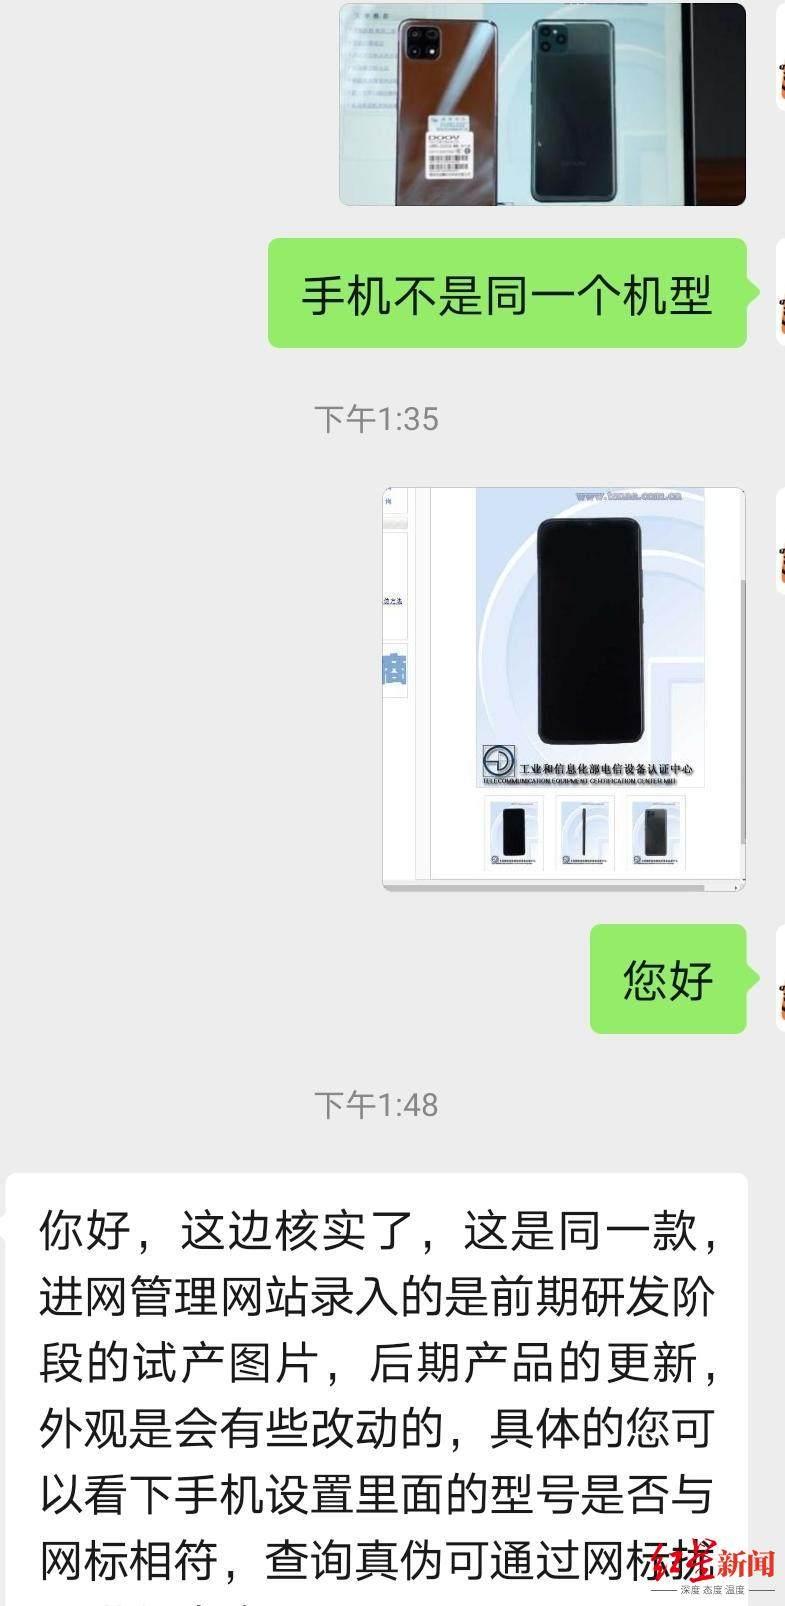 https://img.lanjinger.com/news/20210527/144624_usuxkrhbiaylj.jpeg@!thumb800